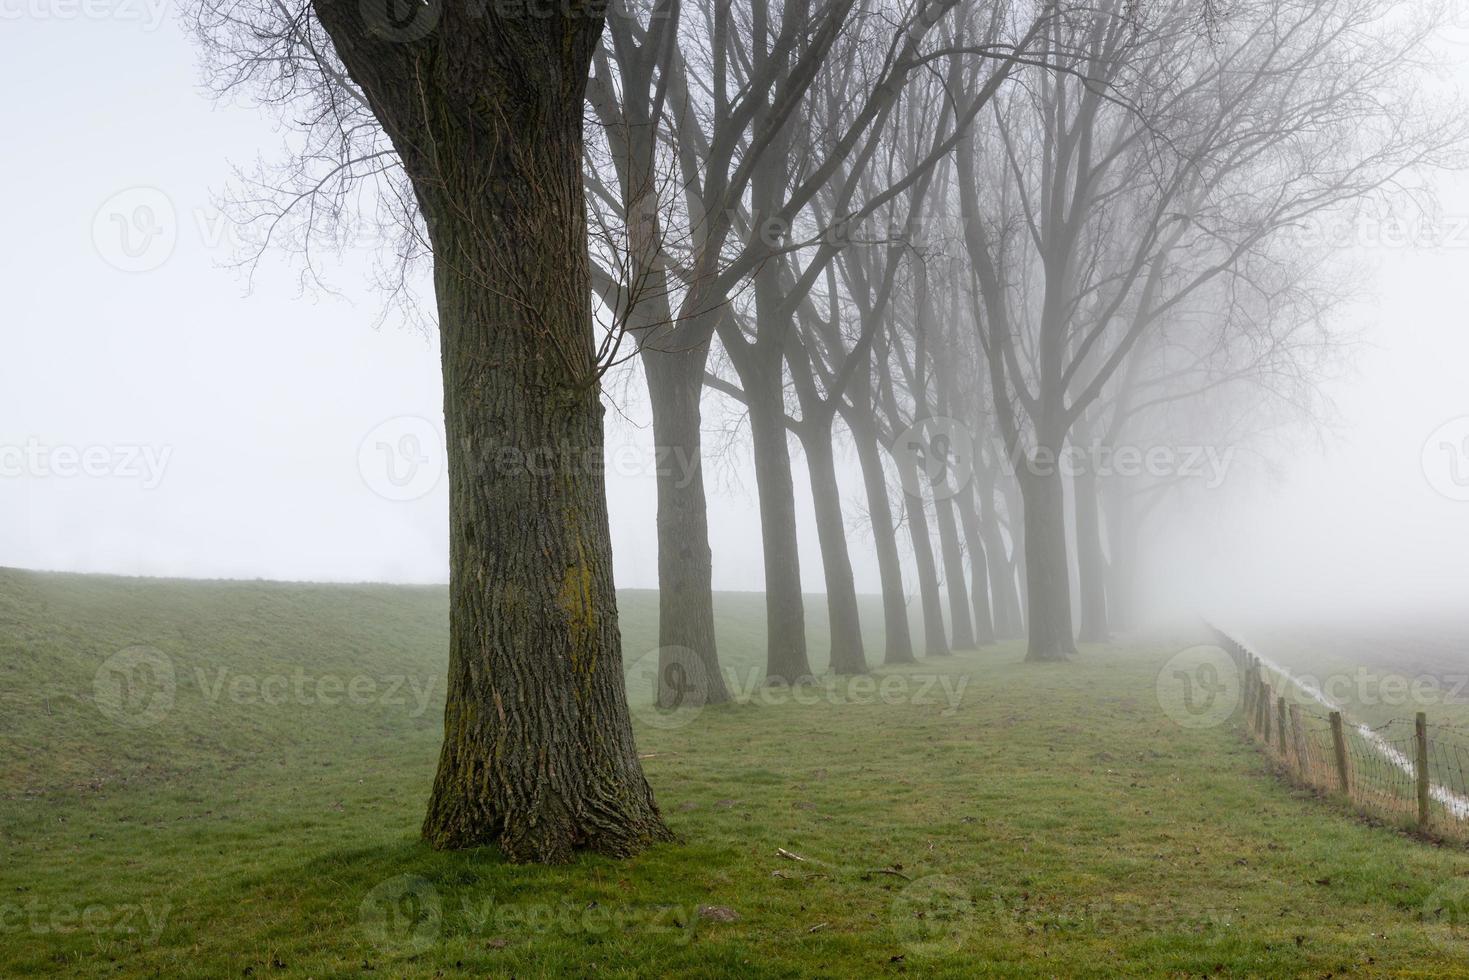 hilera de árboles sin hojas al lado de un dique foto